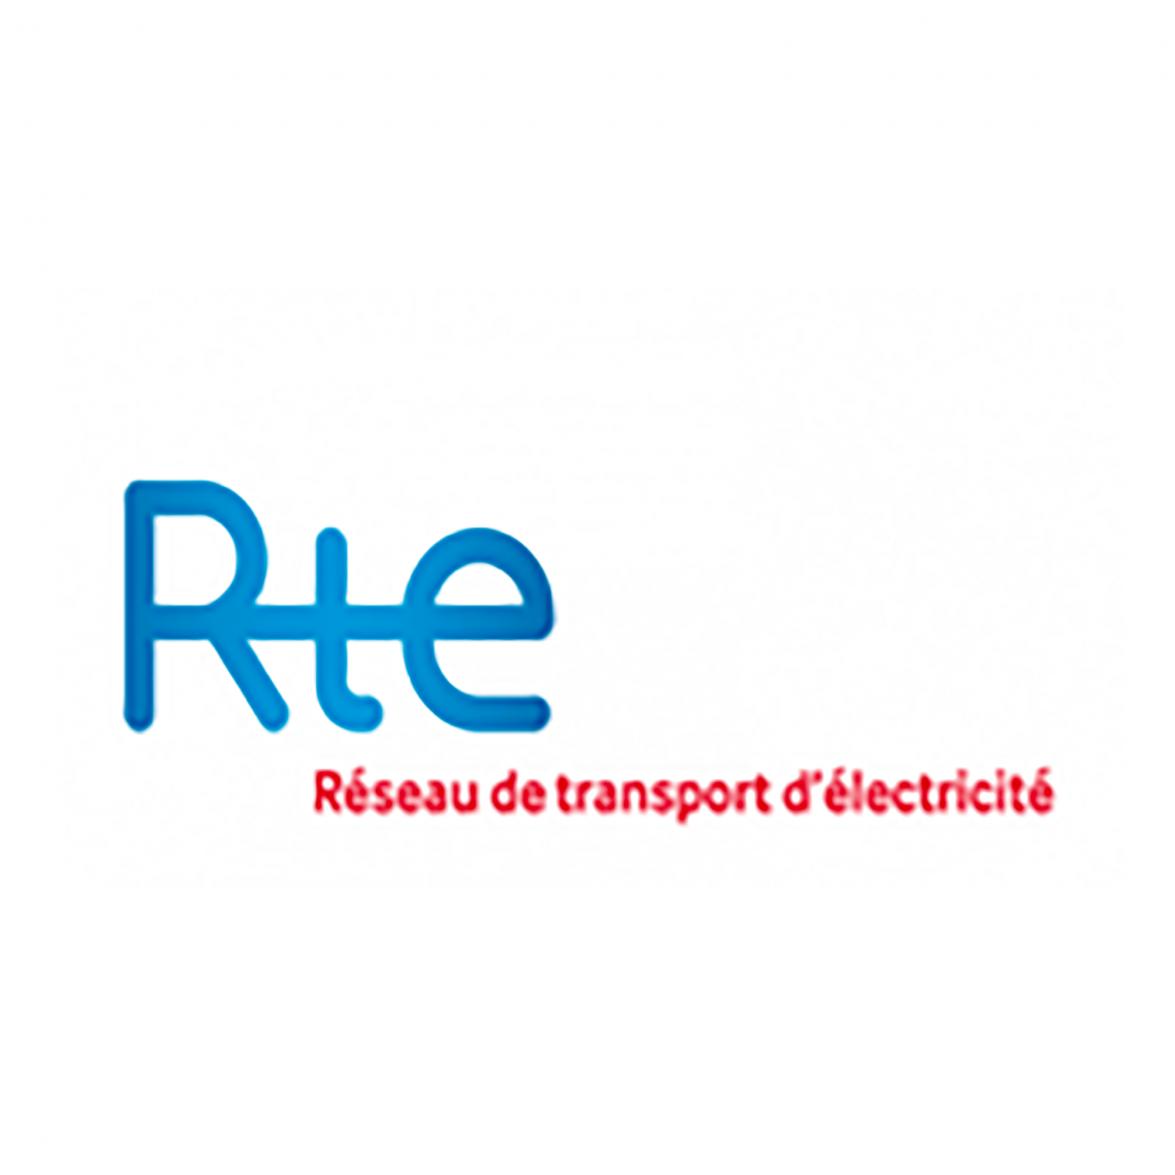 Angèle Von kiss - Mes clients - Réseau de transport d'électricité